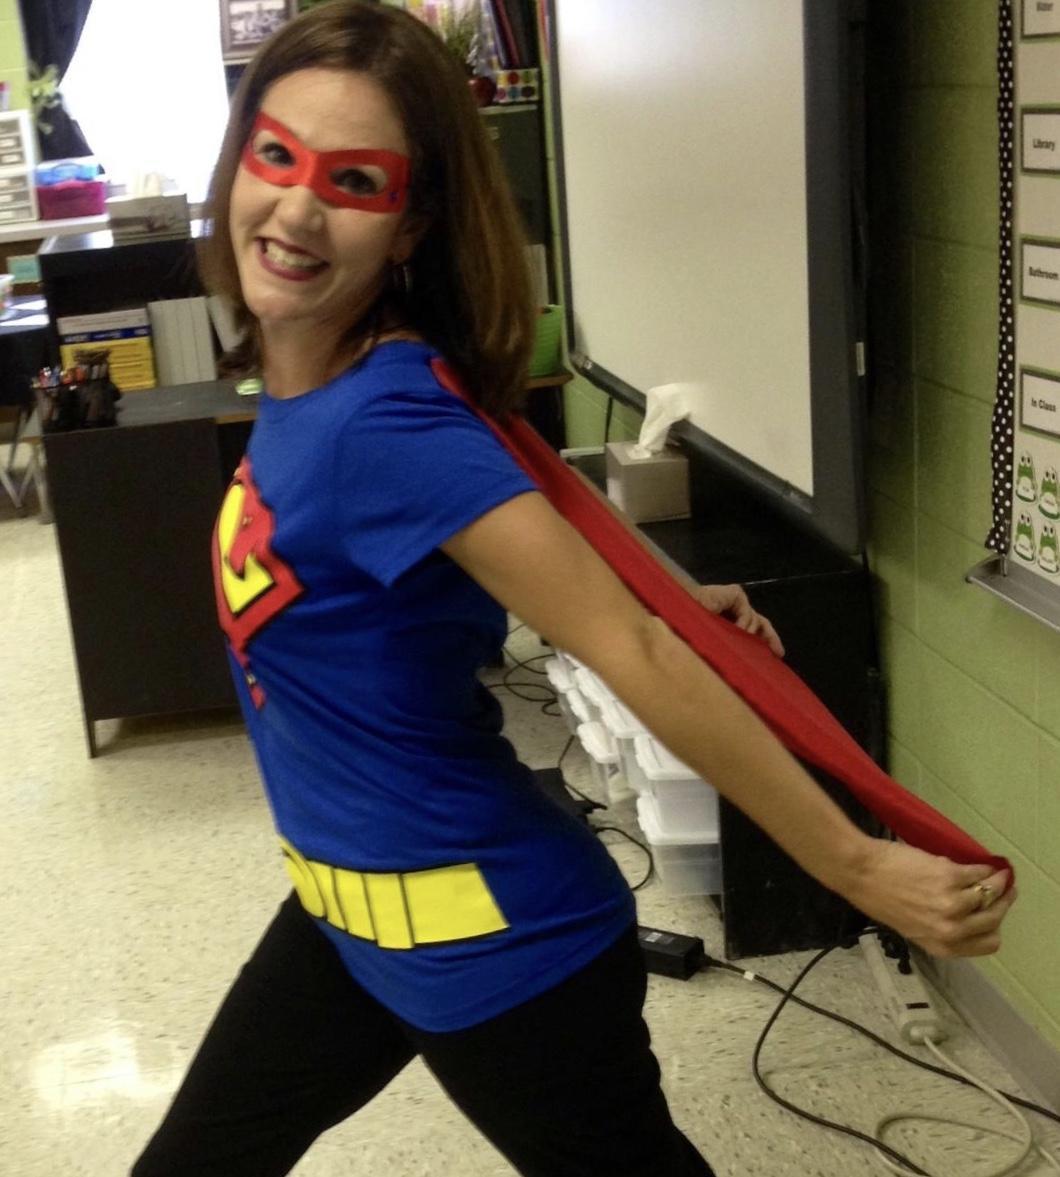 pic of Super Teach